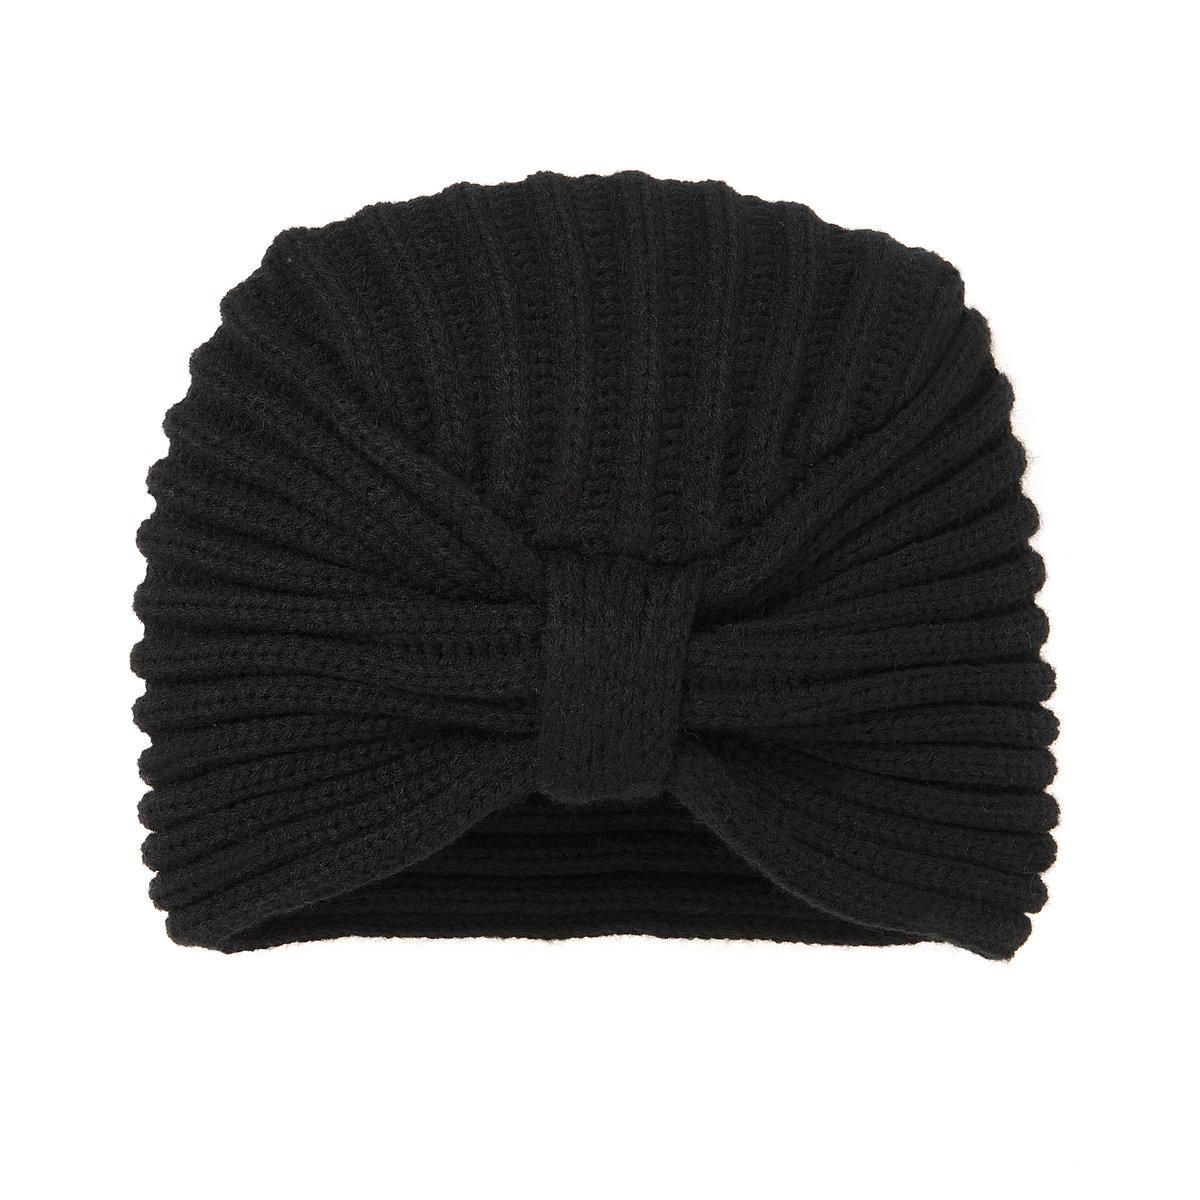 Шапка трикотажнаяШапка трикотажная MADEMOISELLE R. Материал : трикотаж, 100% акрила. Размер: 23 x 20 см. Преимущества: стильная шапка от MADEMOISELLE R - то, чего не хватает в Вашем гардеробе в будущем сезоне.<br><br>Цвет: черный